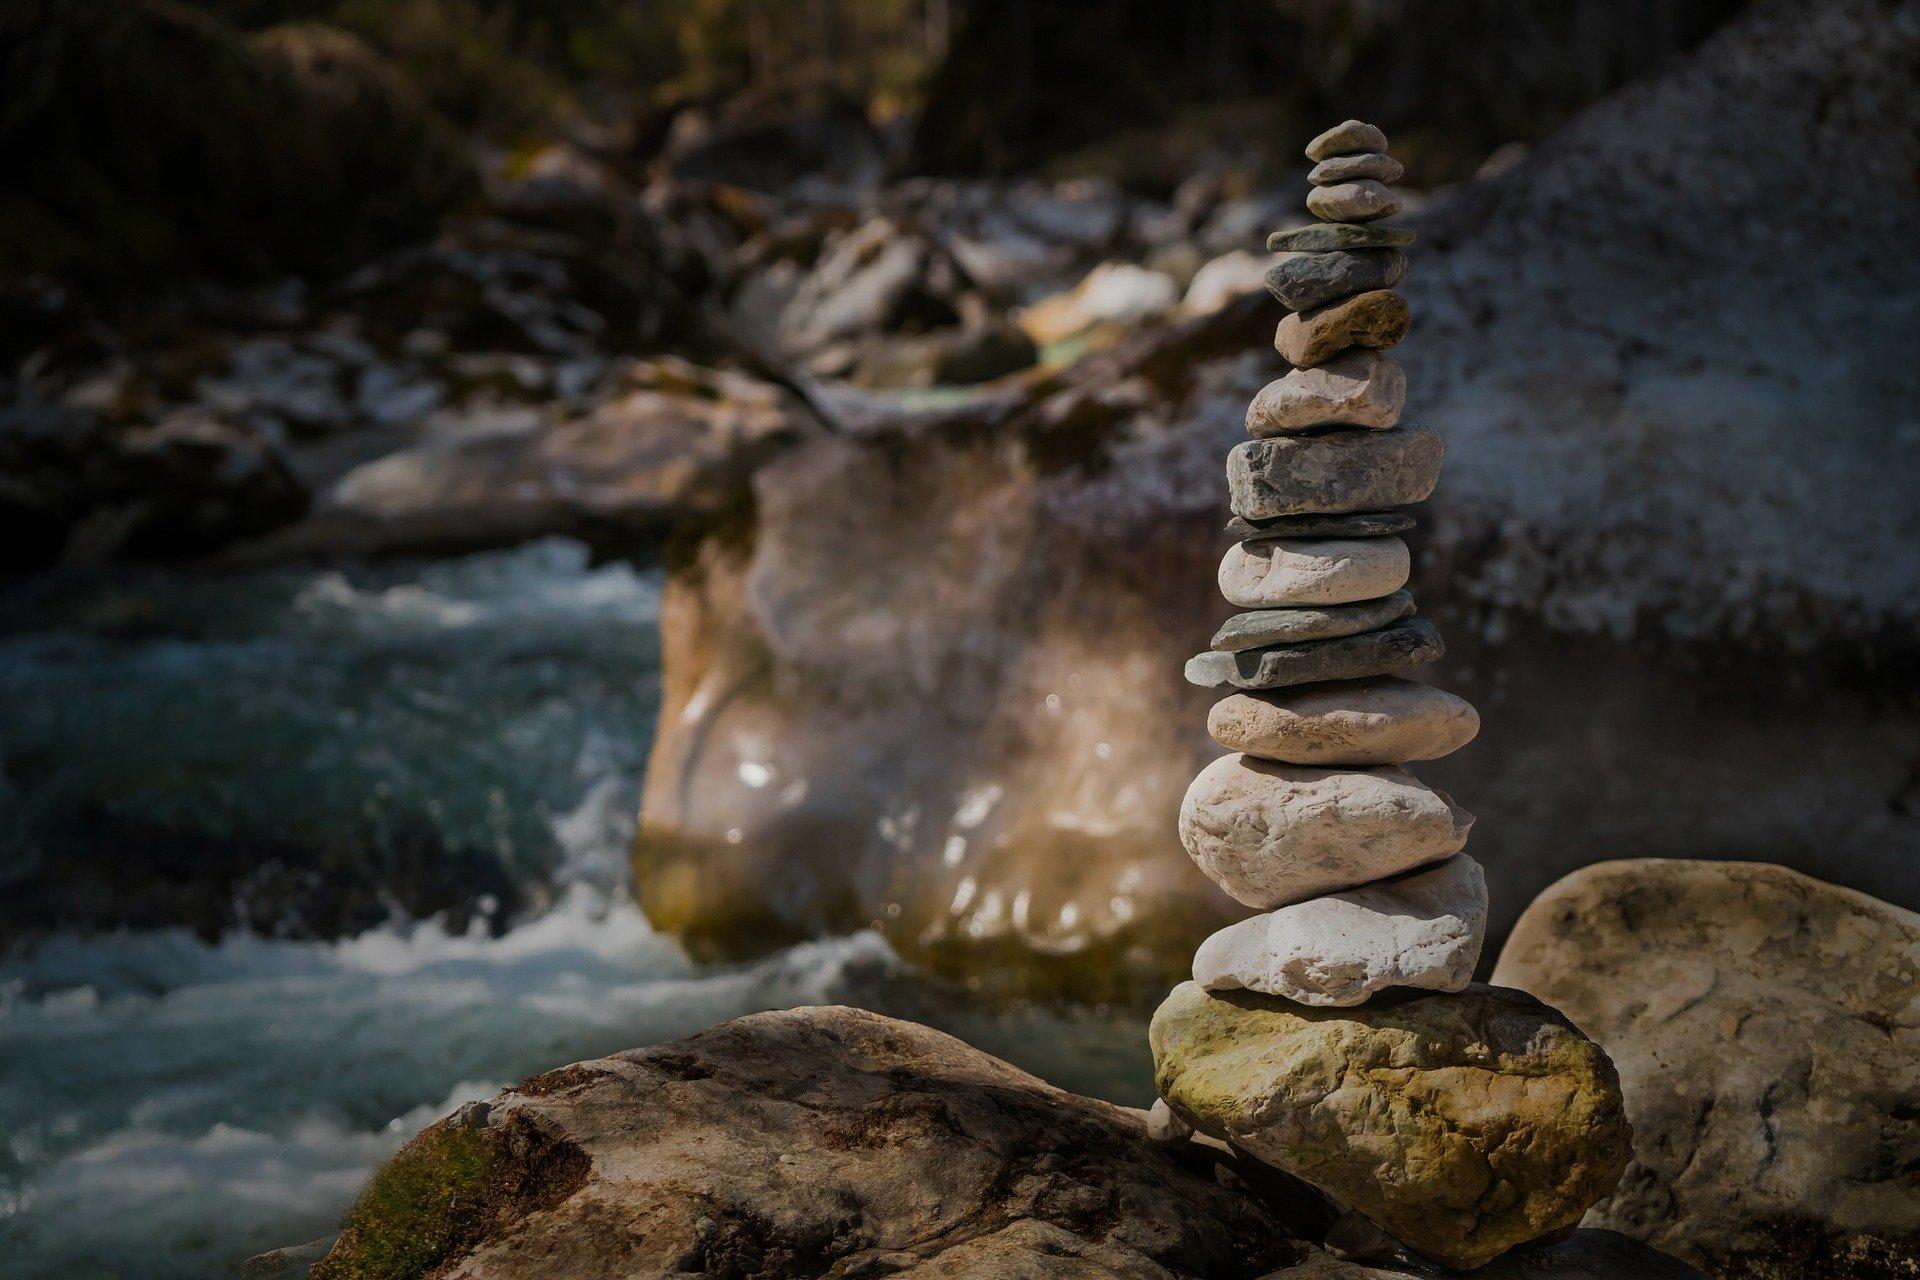 Image de cailloux zen - Image par Lars_Nissen de Pixabay